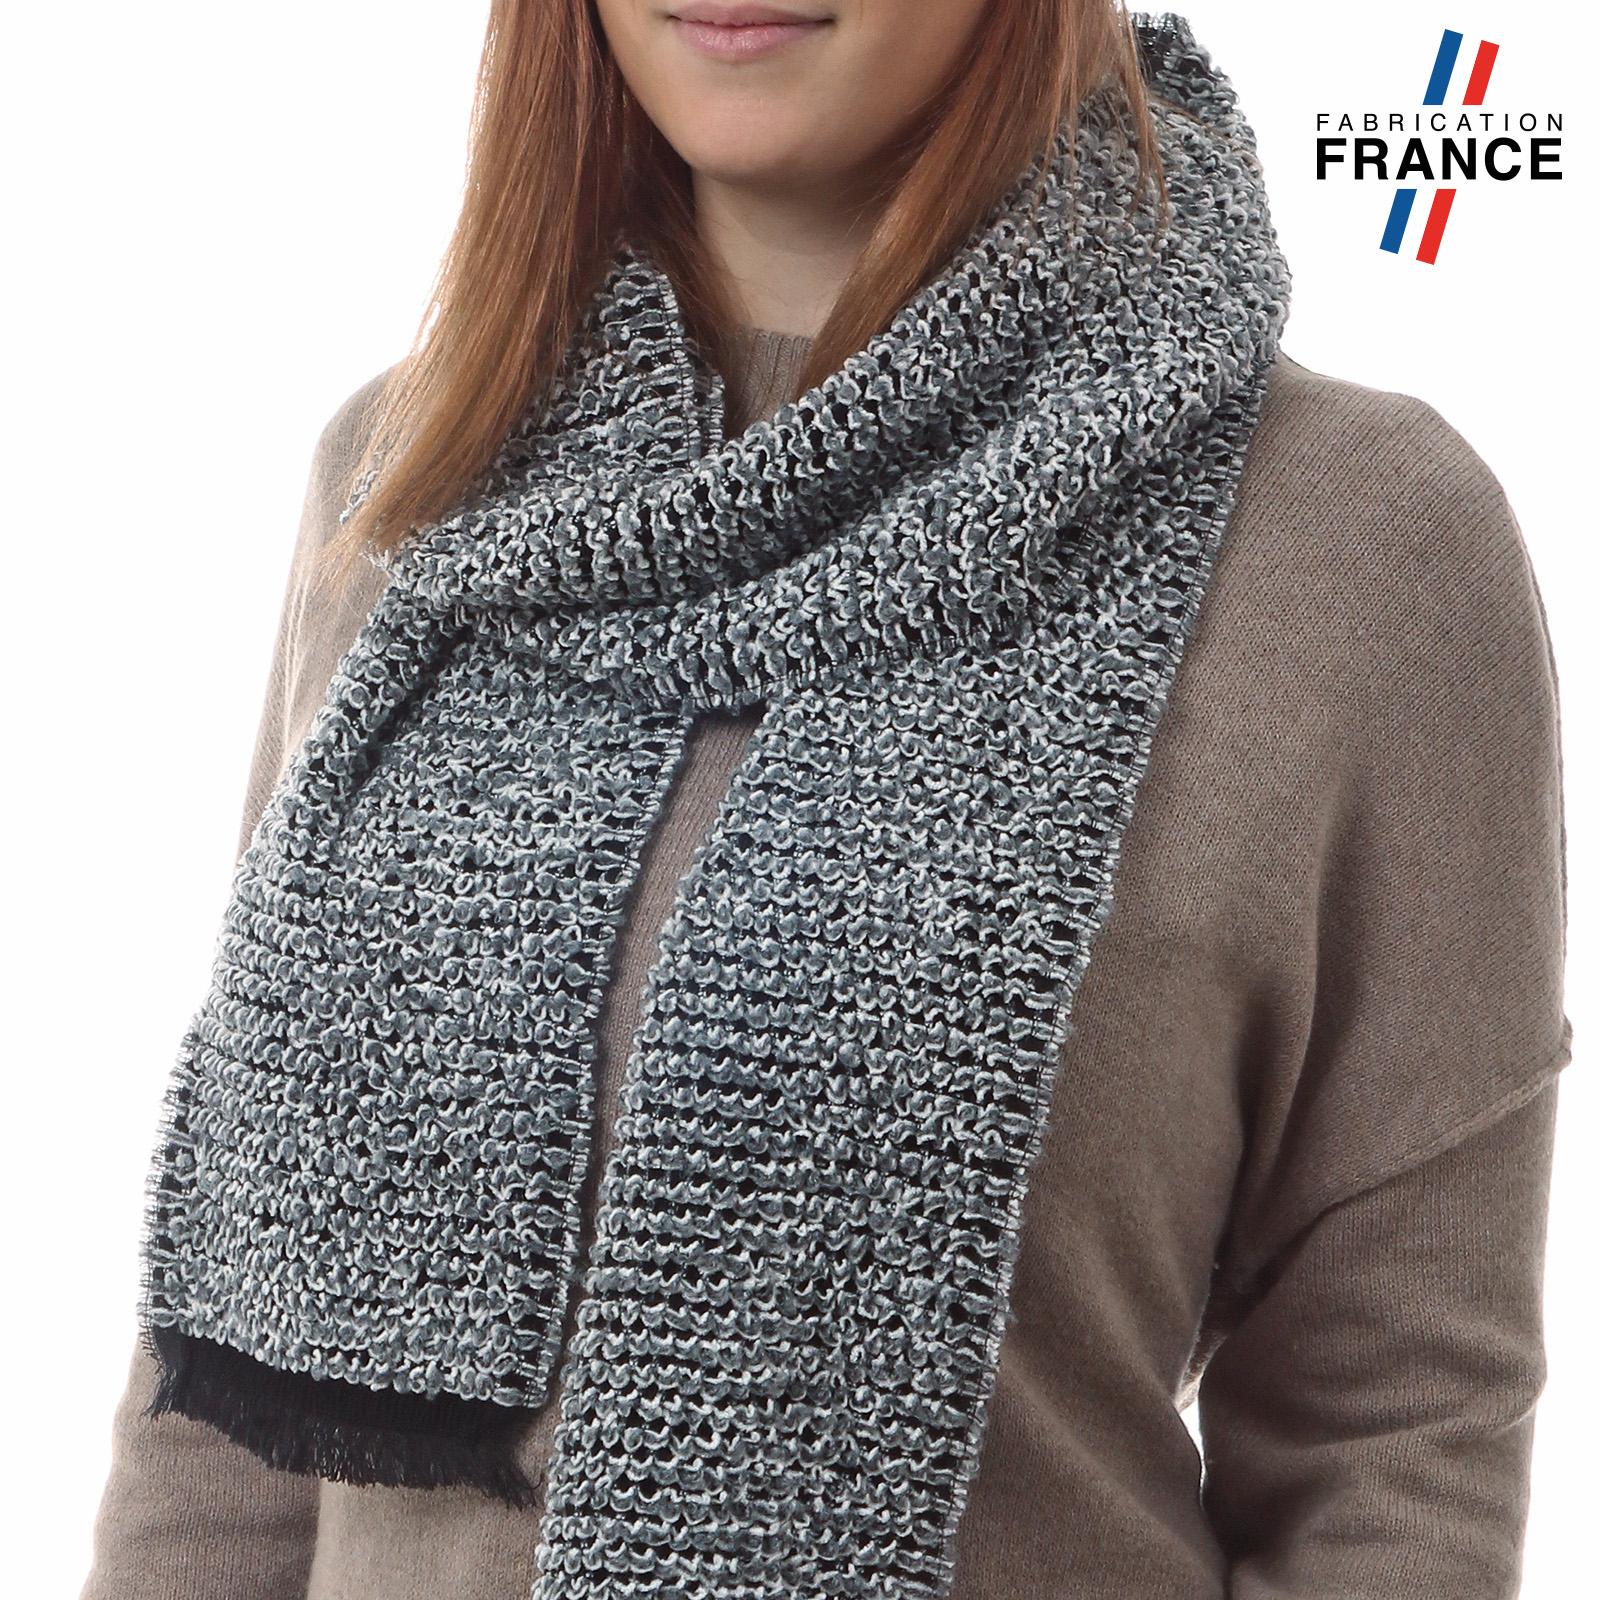 AT-03480-V16-echarpe-femme-fabrication-france-gris